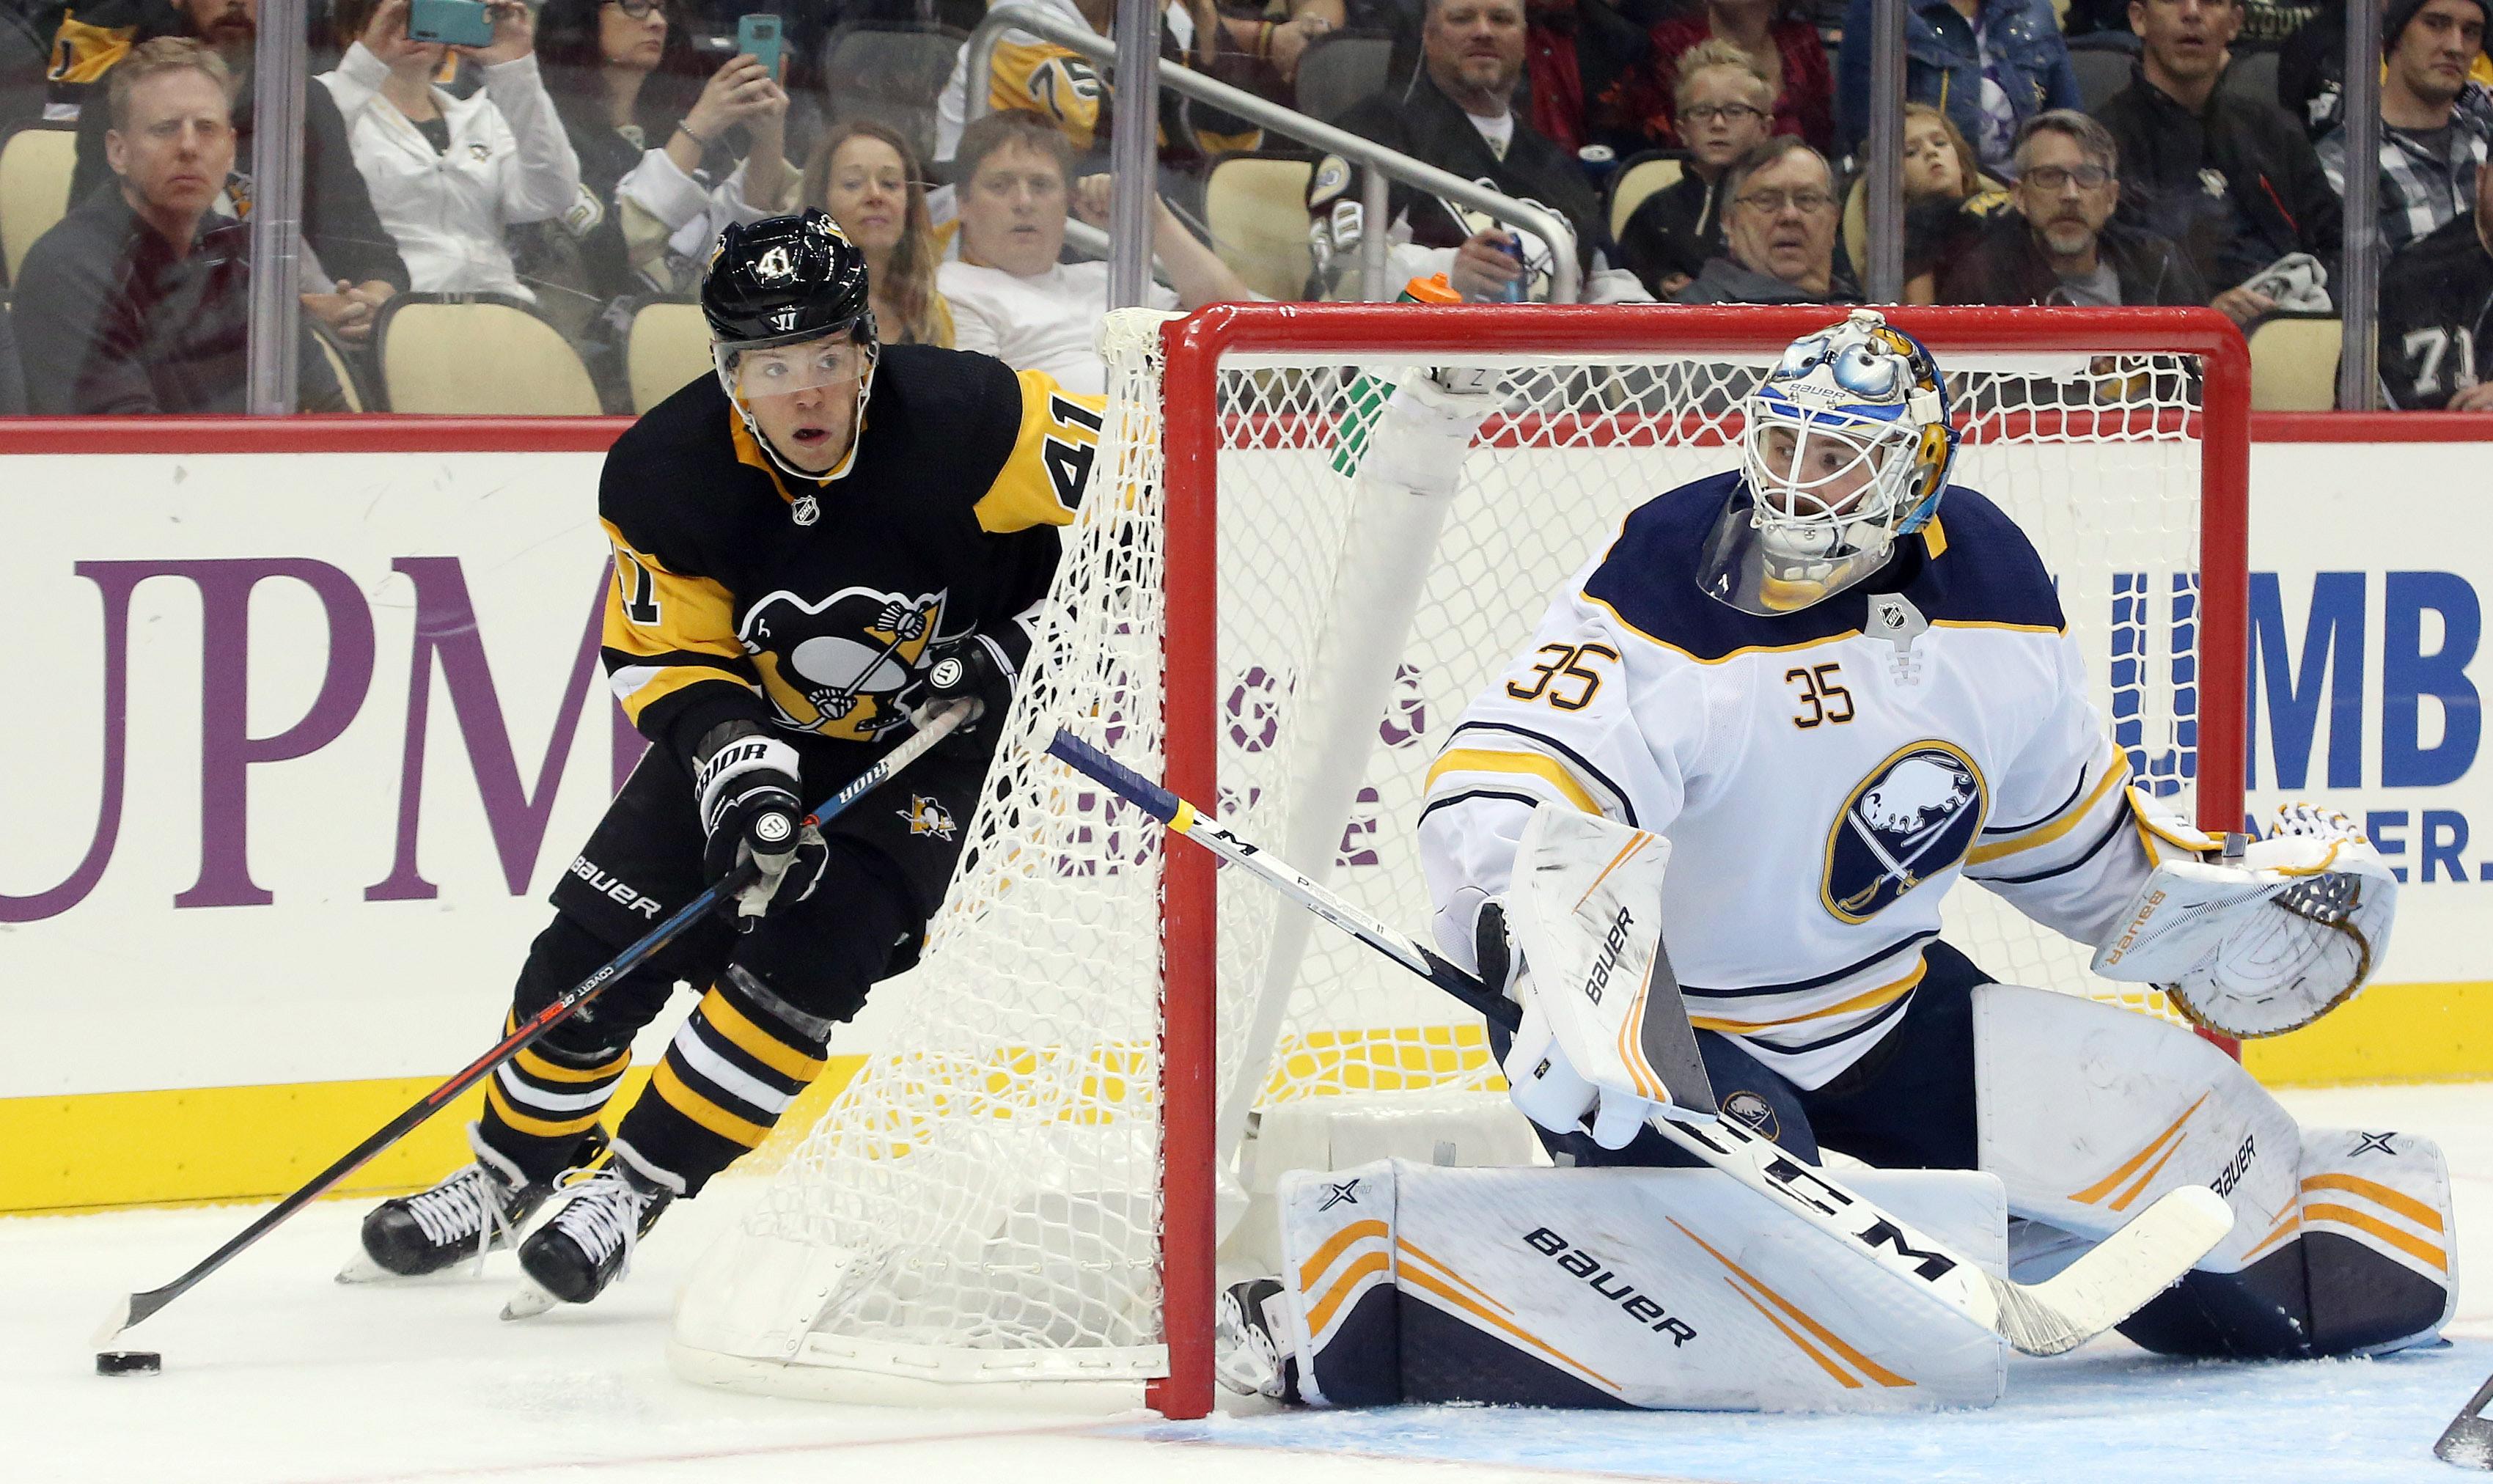 NHL: Preseason-Buffalo Sabres at Pittsburgh Penguins